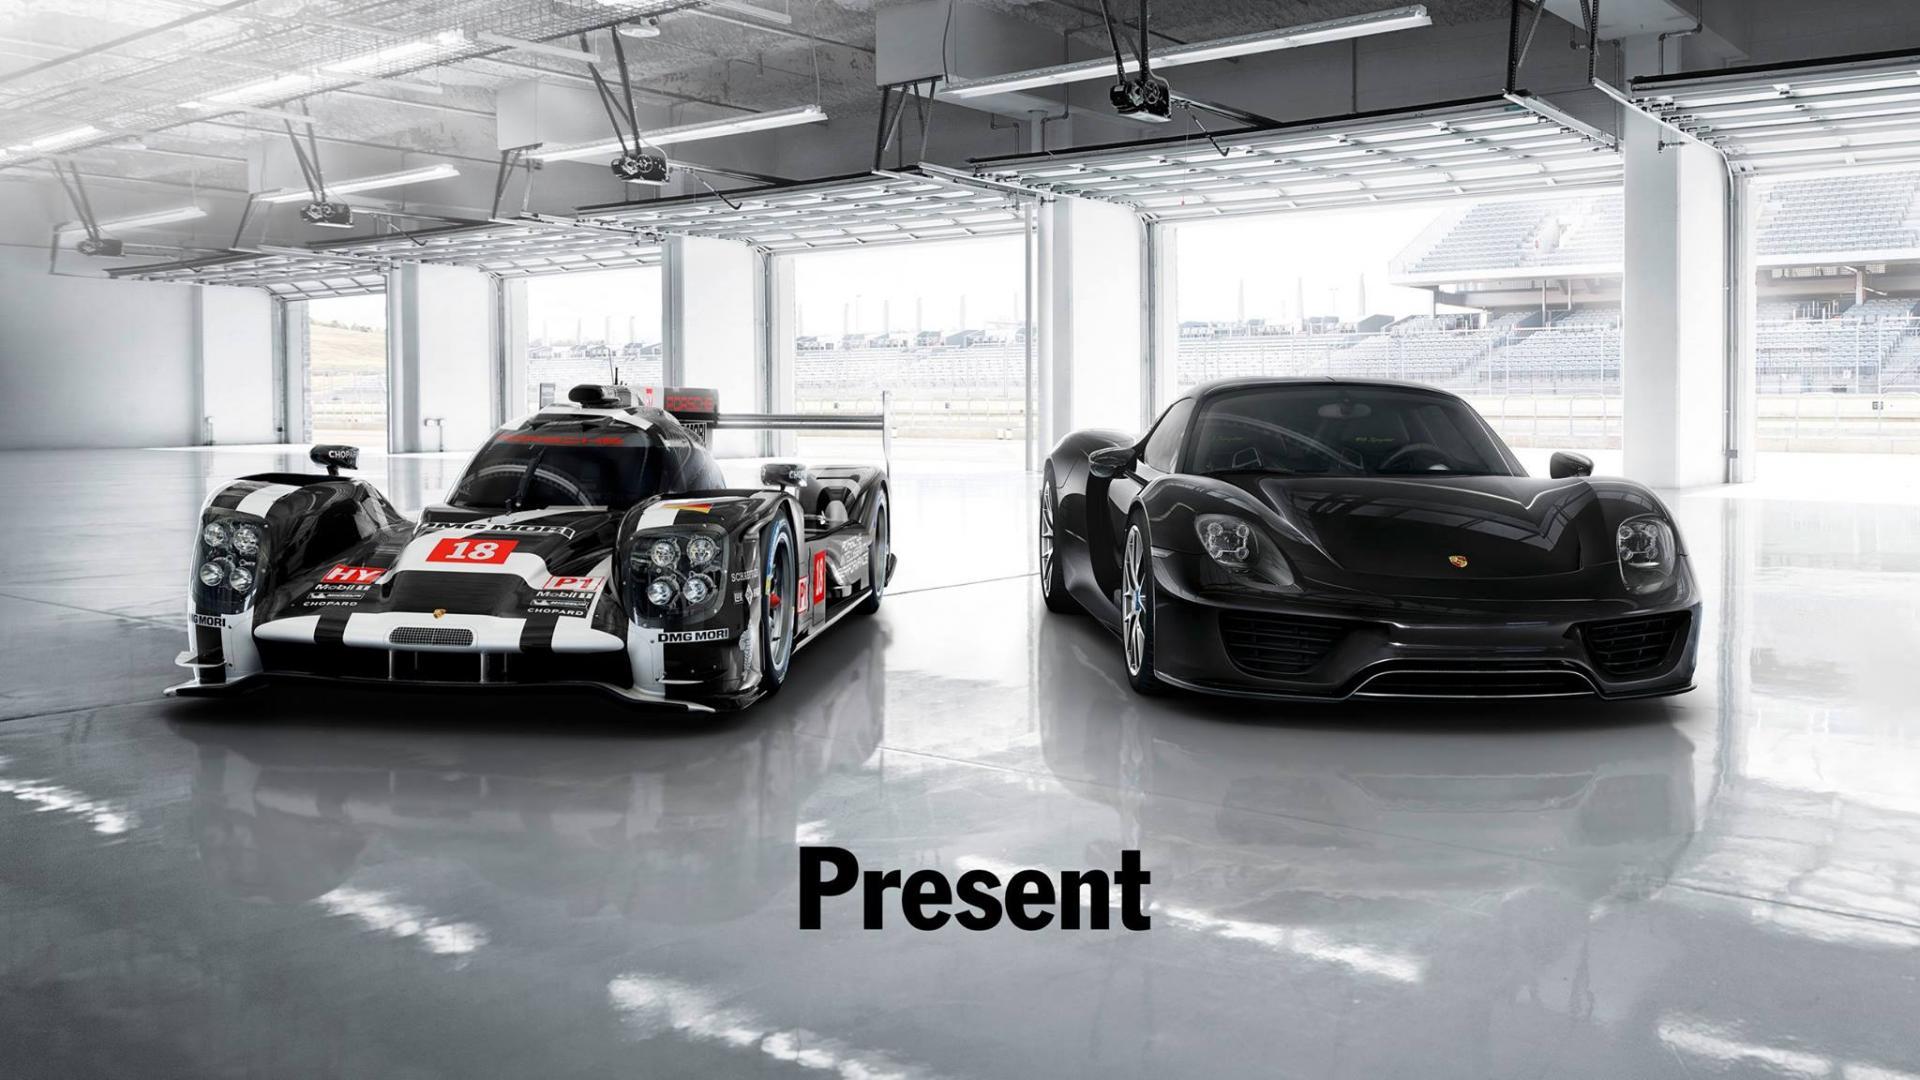 Porsche 919 hybrid - Porsche 918 Spyder - Present